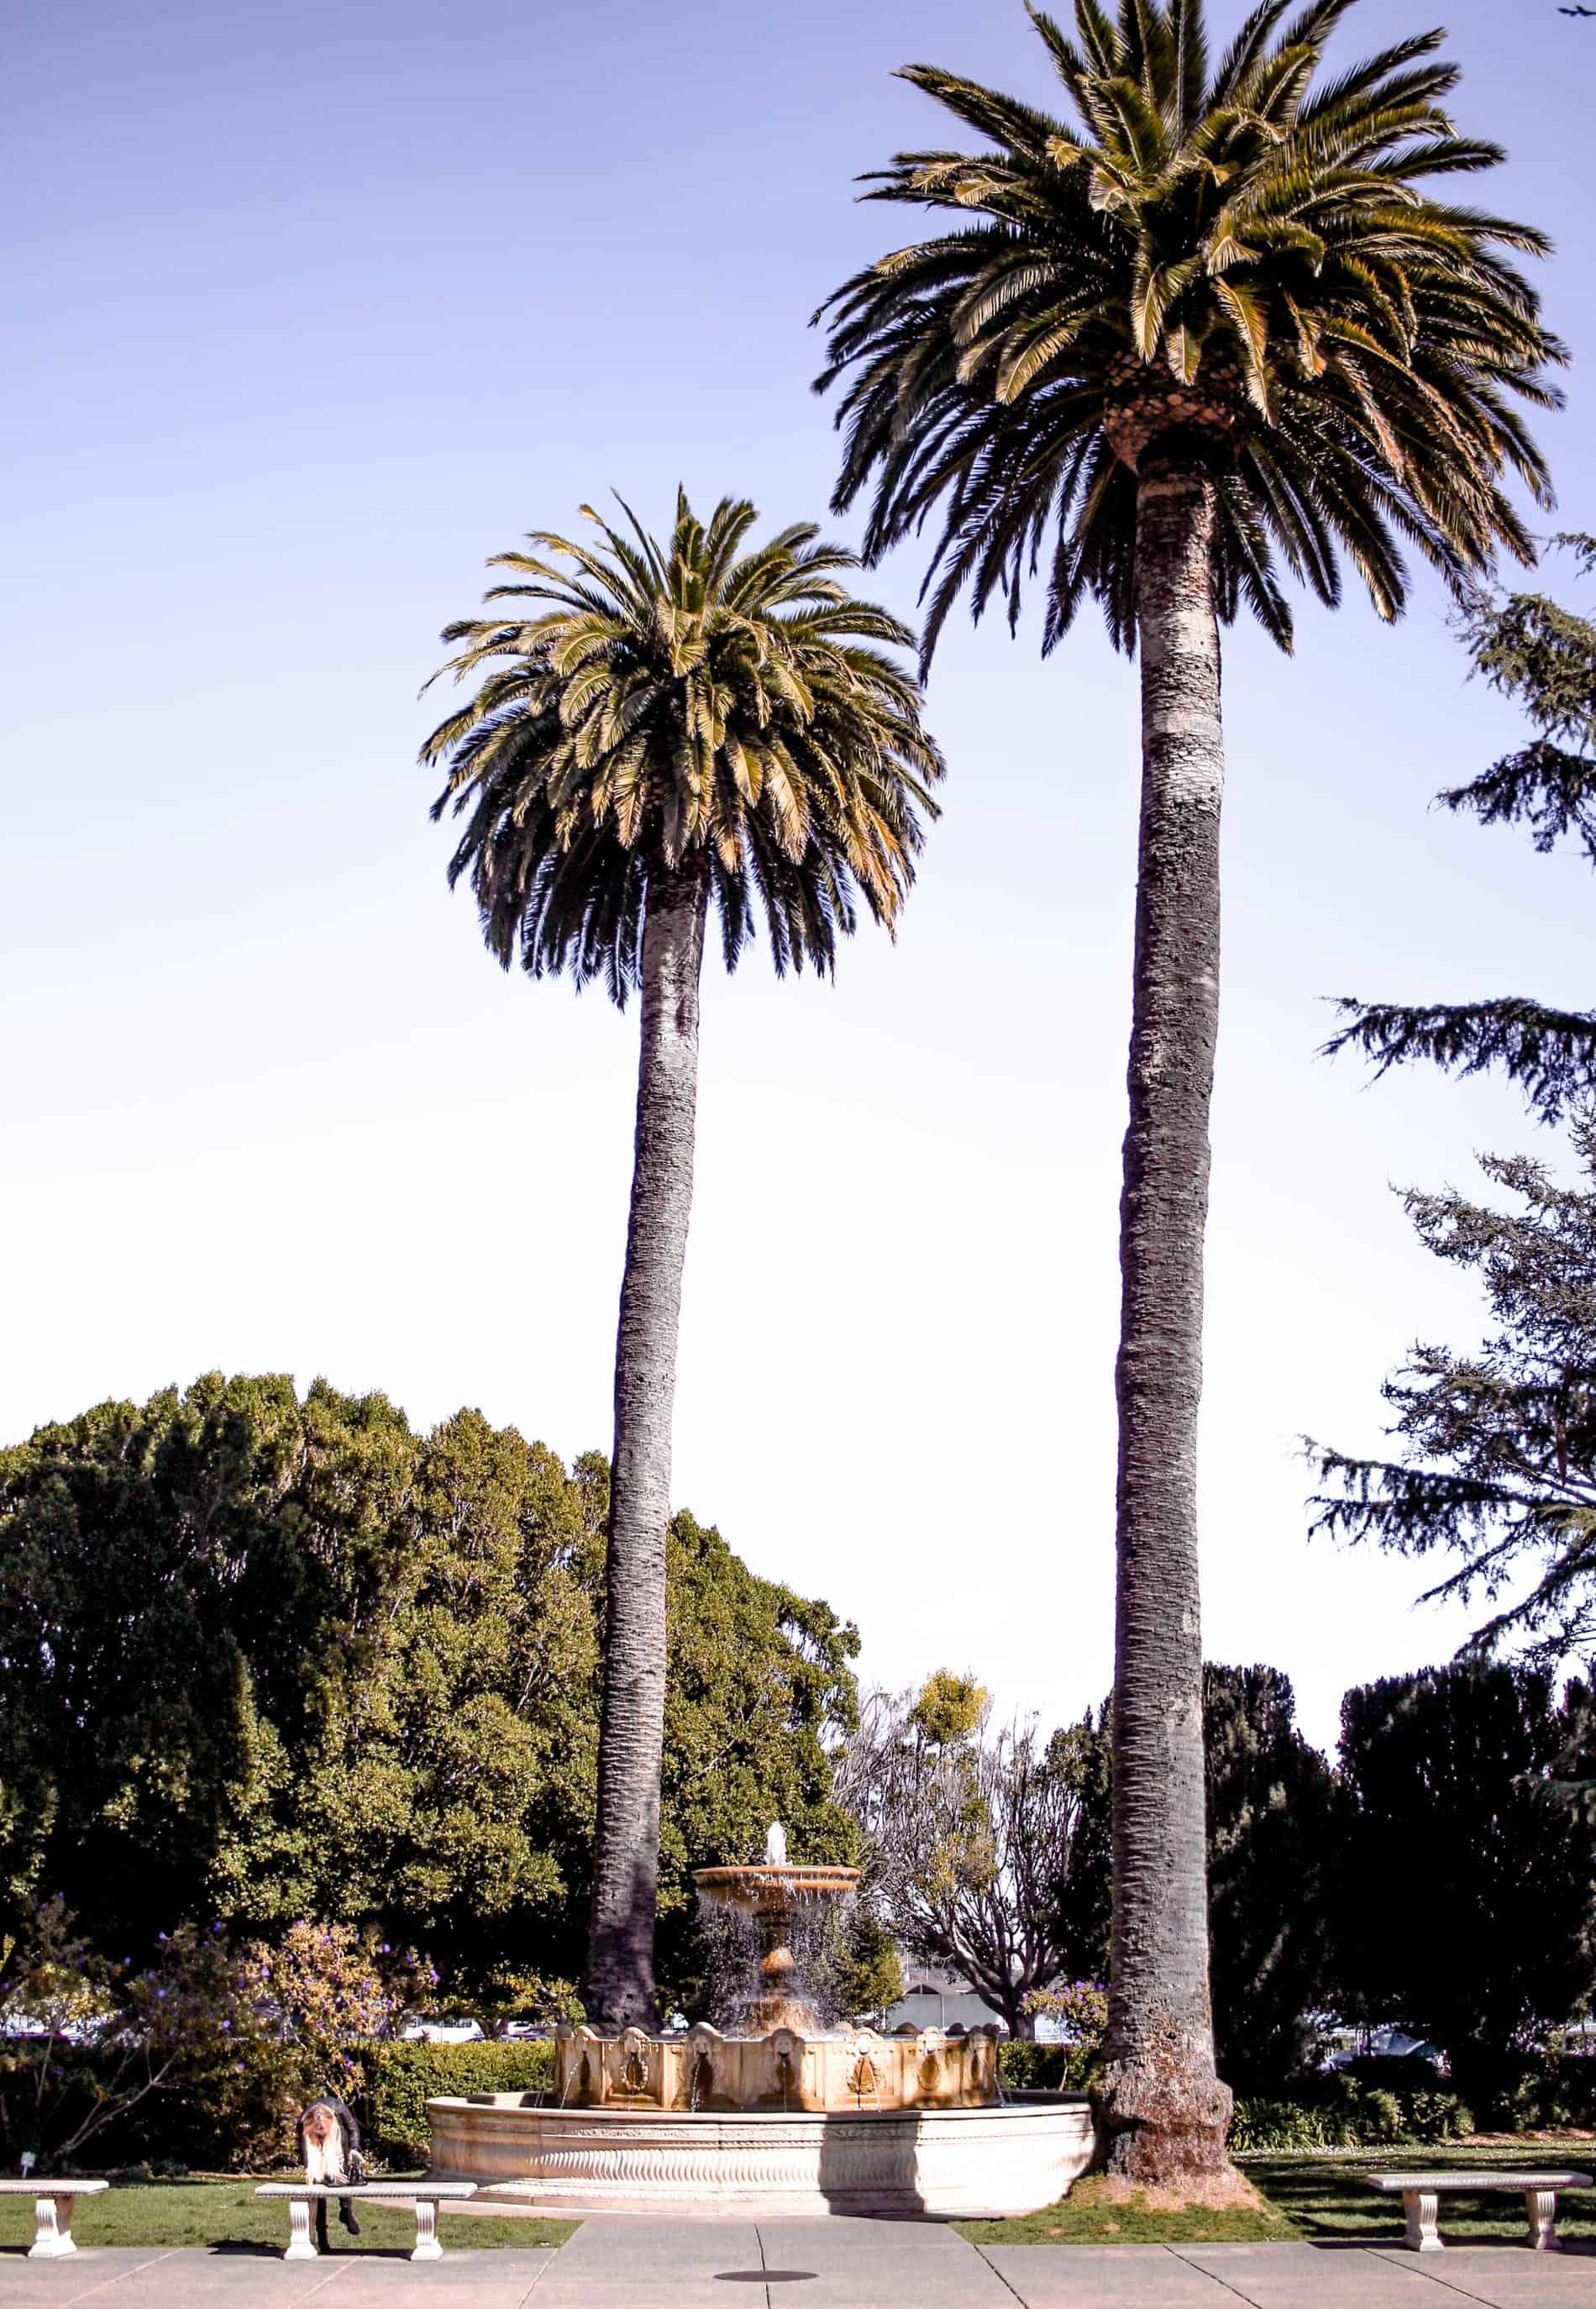 sausalito california